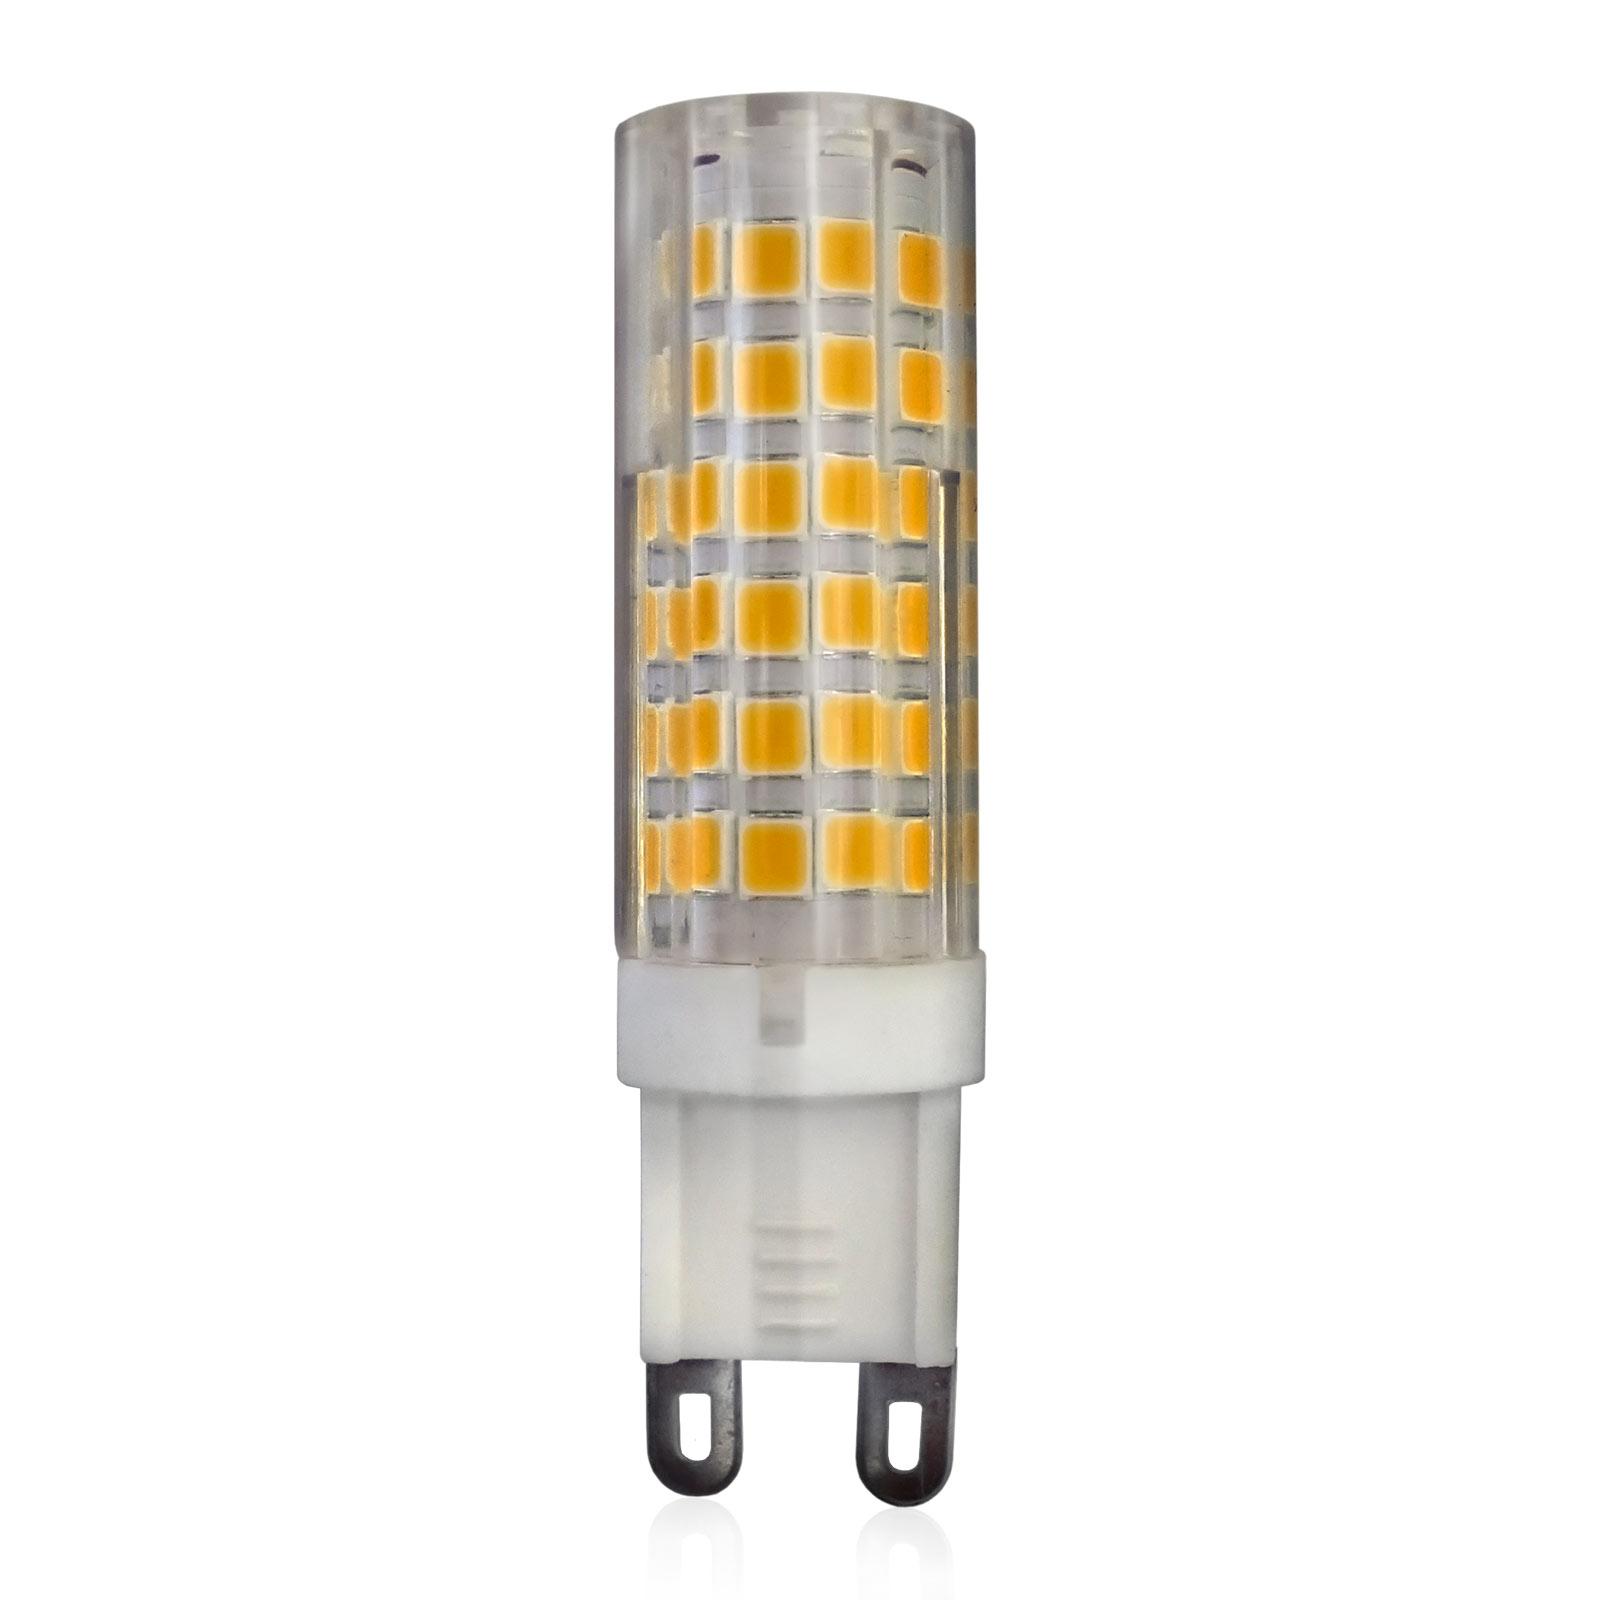 LED-stiftlampa G9 4,5W 3000 K dimbar